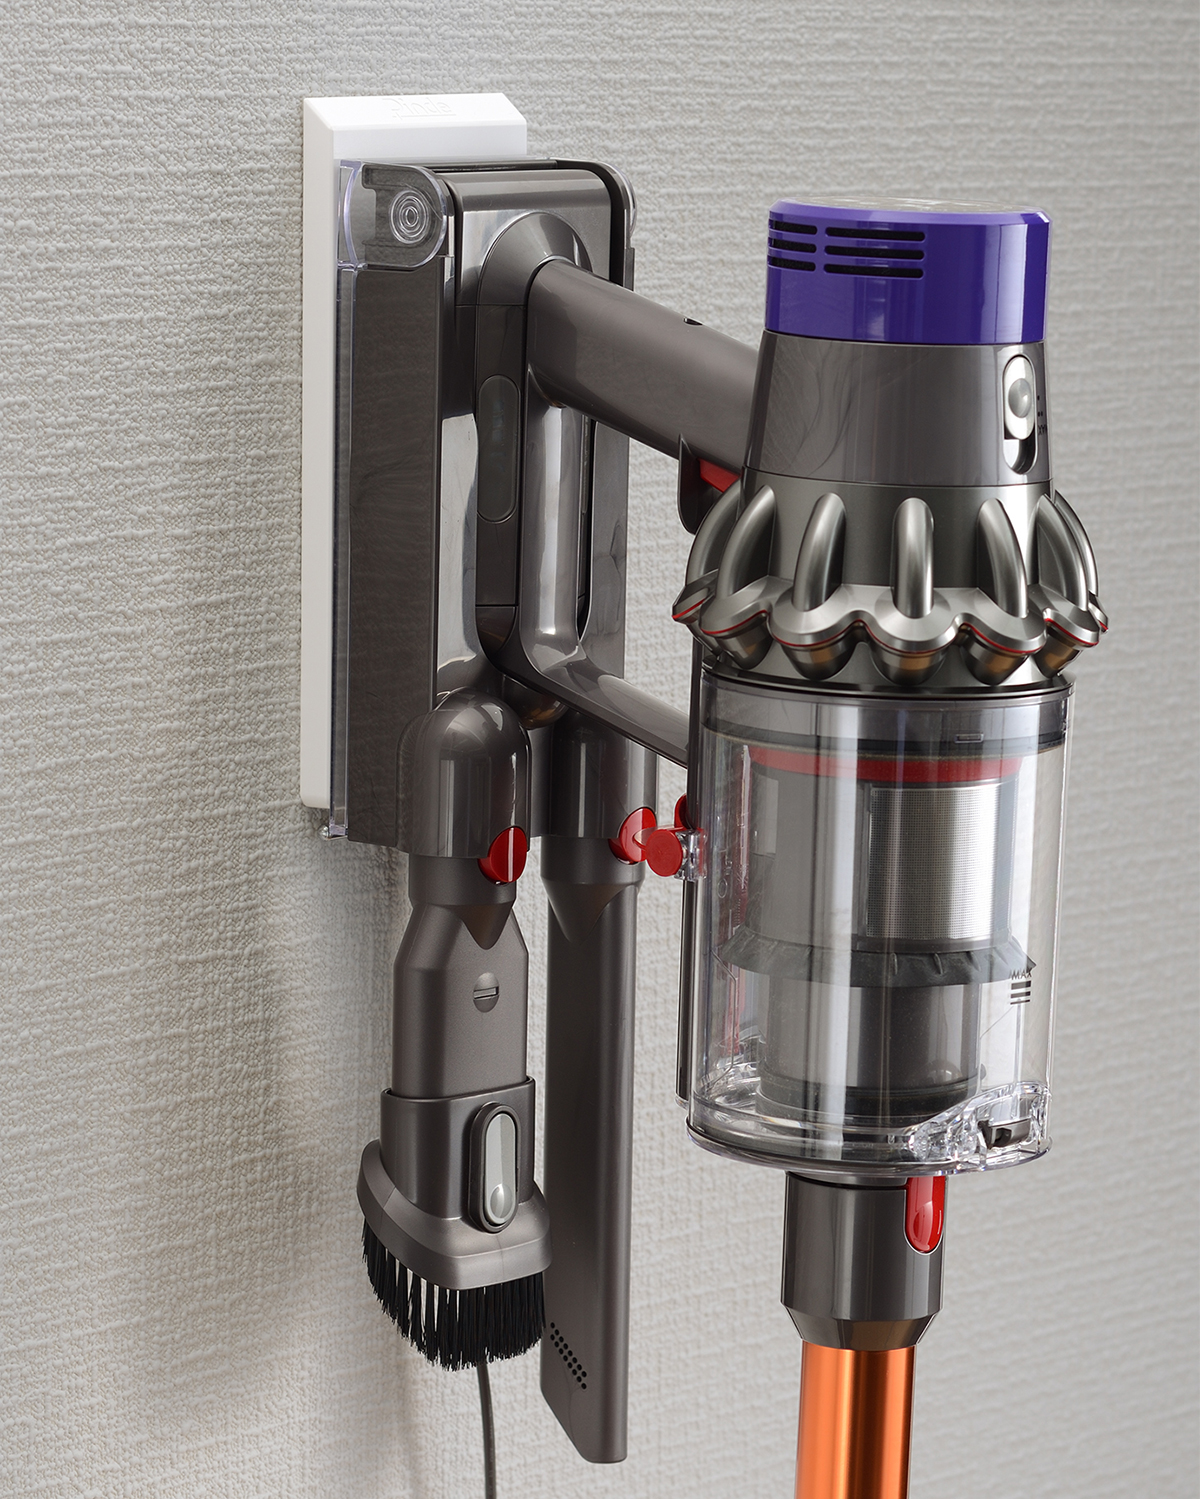 充電コードやすき間用ノズルもまとめておけるから、毎日の掃除がもっとはかどります。コードレス掃除機をスマートに壁掛けできるフック|Pinde(ピンデ)